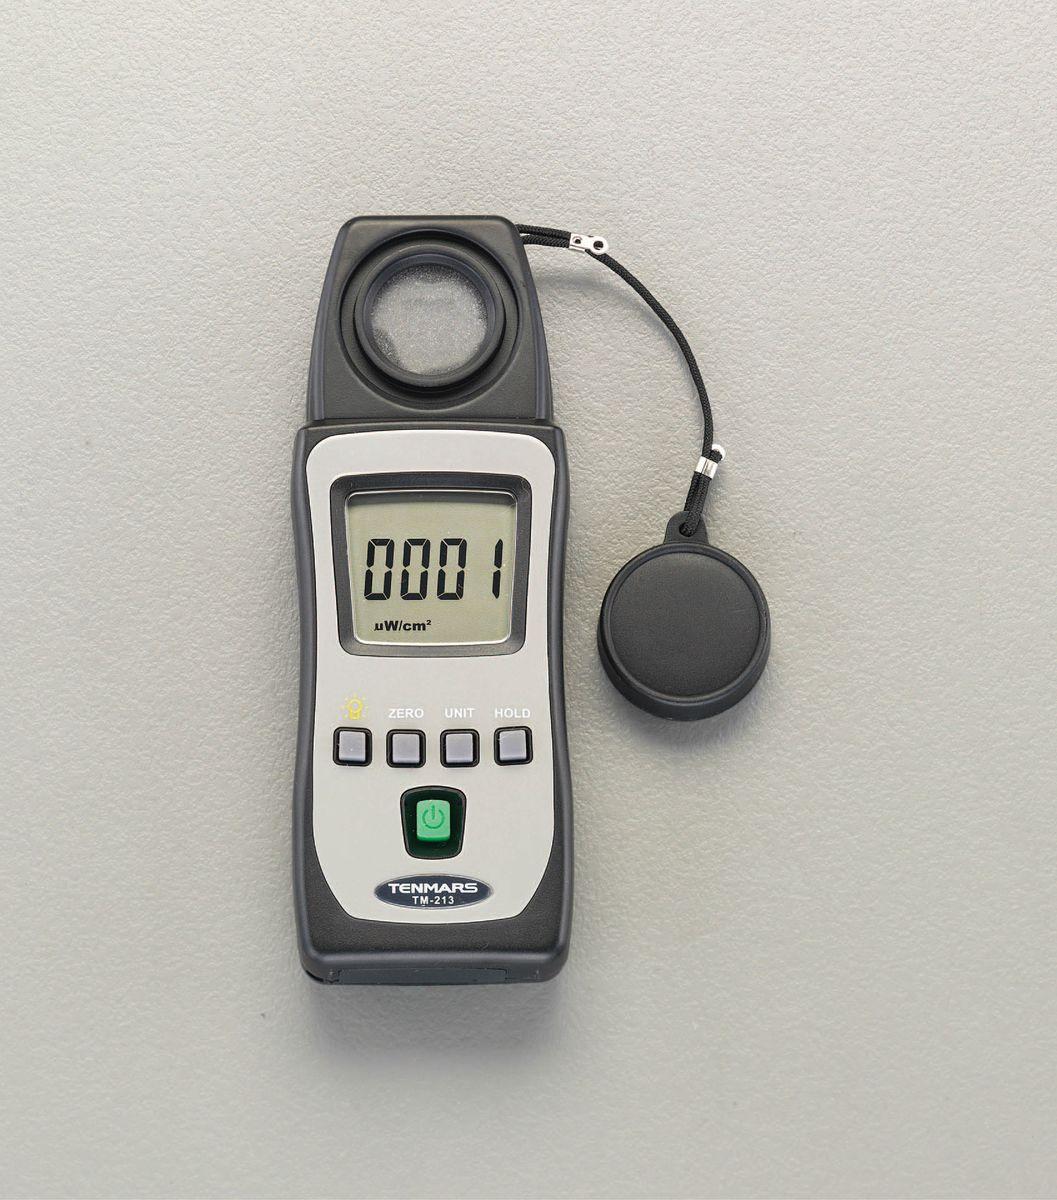 【メーカー在庫あり】 エスコ ESCO デジタルミニ紫外線メーター 000012227783 JP店